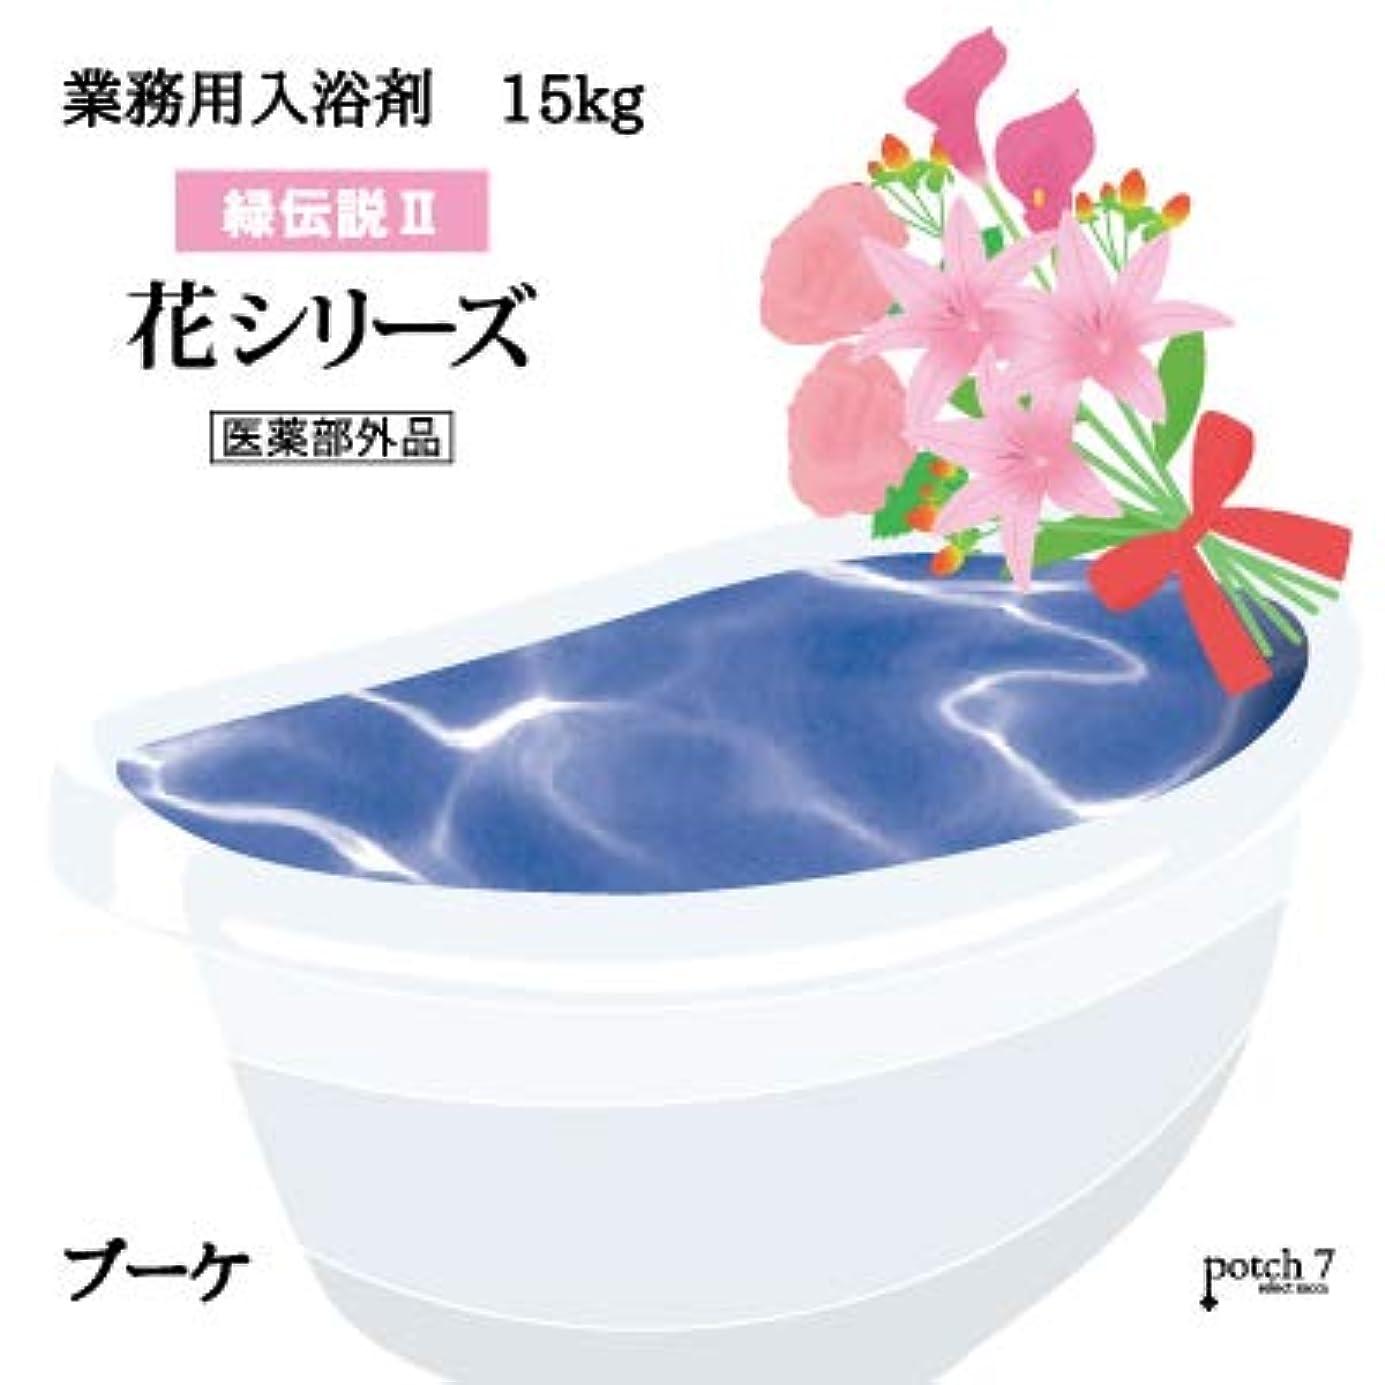 実施するパスタトラフ業務用入浴剤「ブーケ」15Kg(7.5Kgx2袋入)GYM-BU